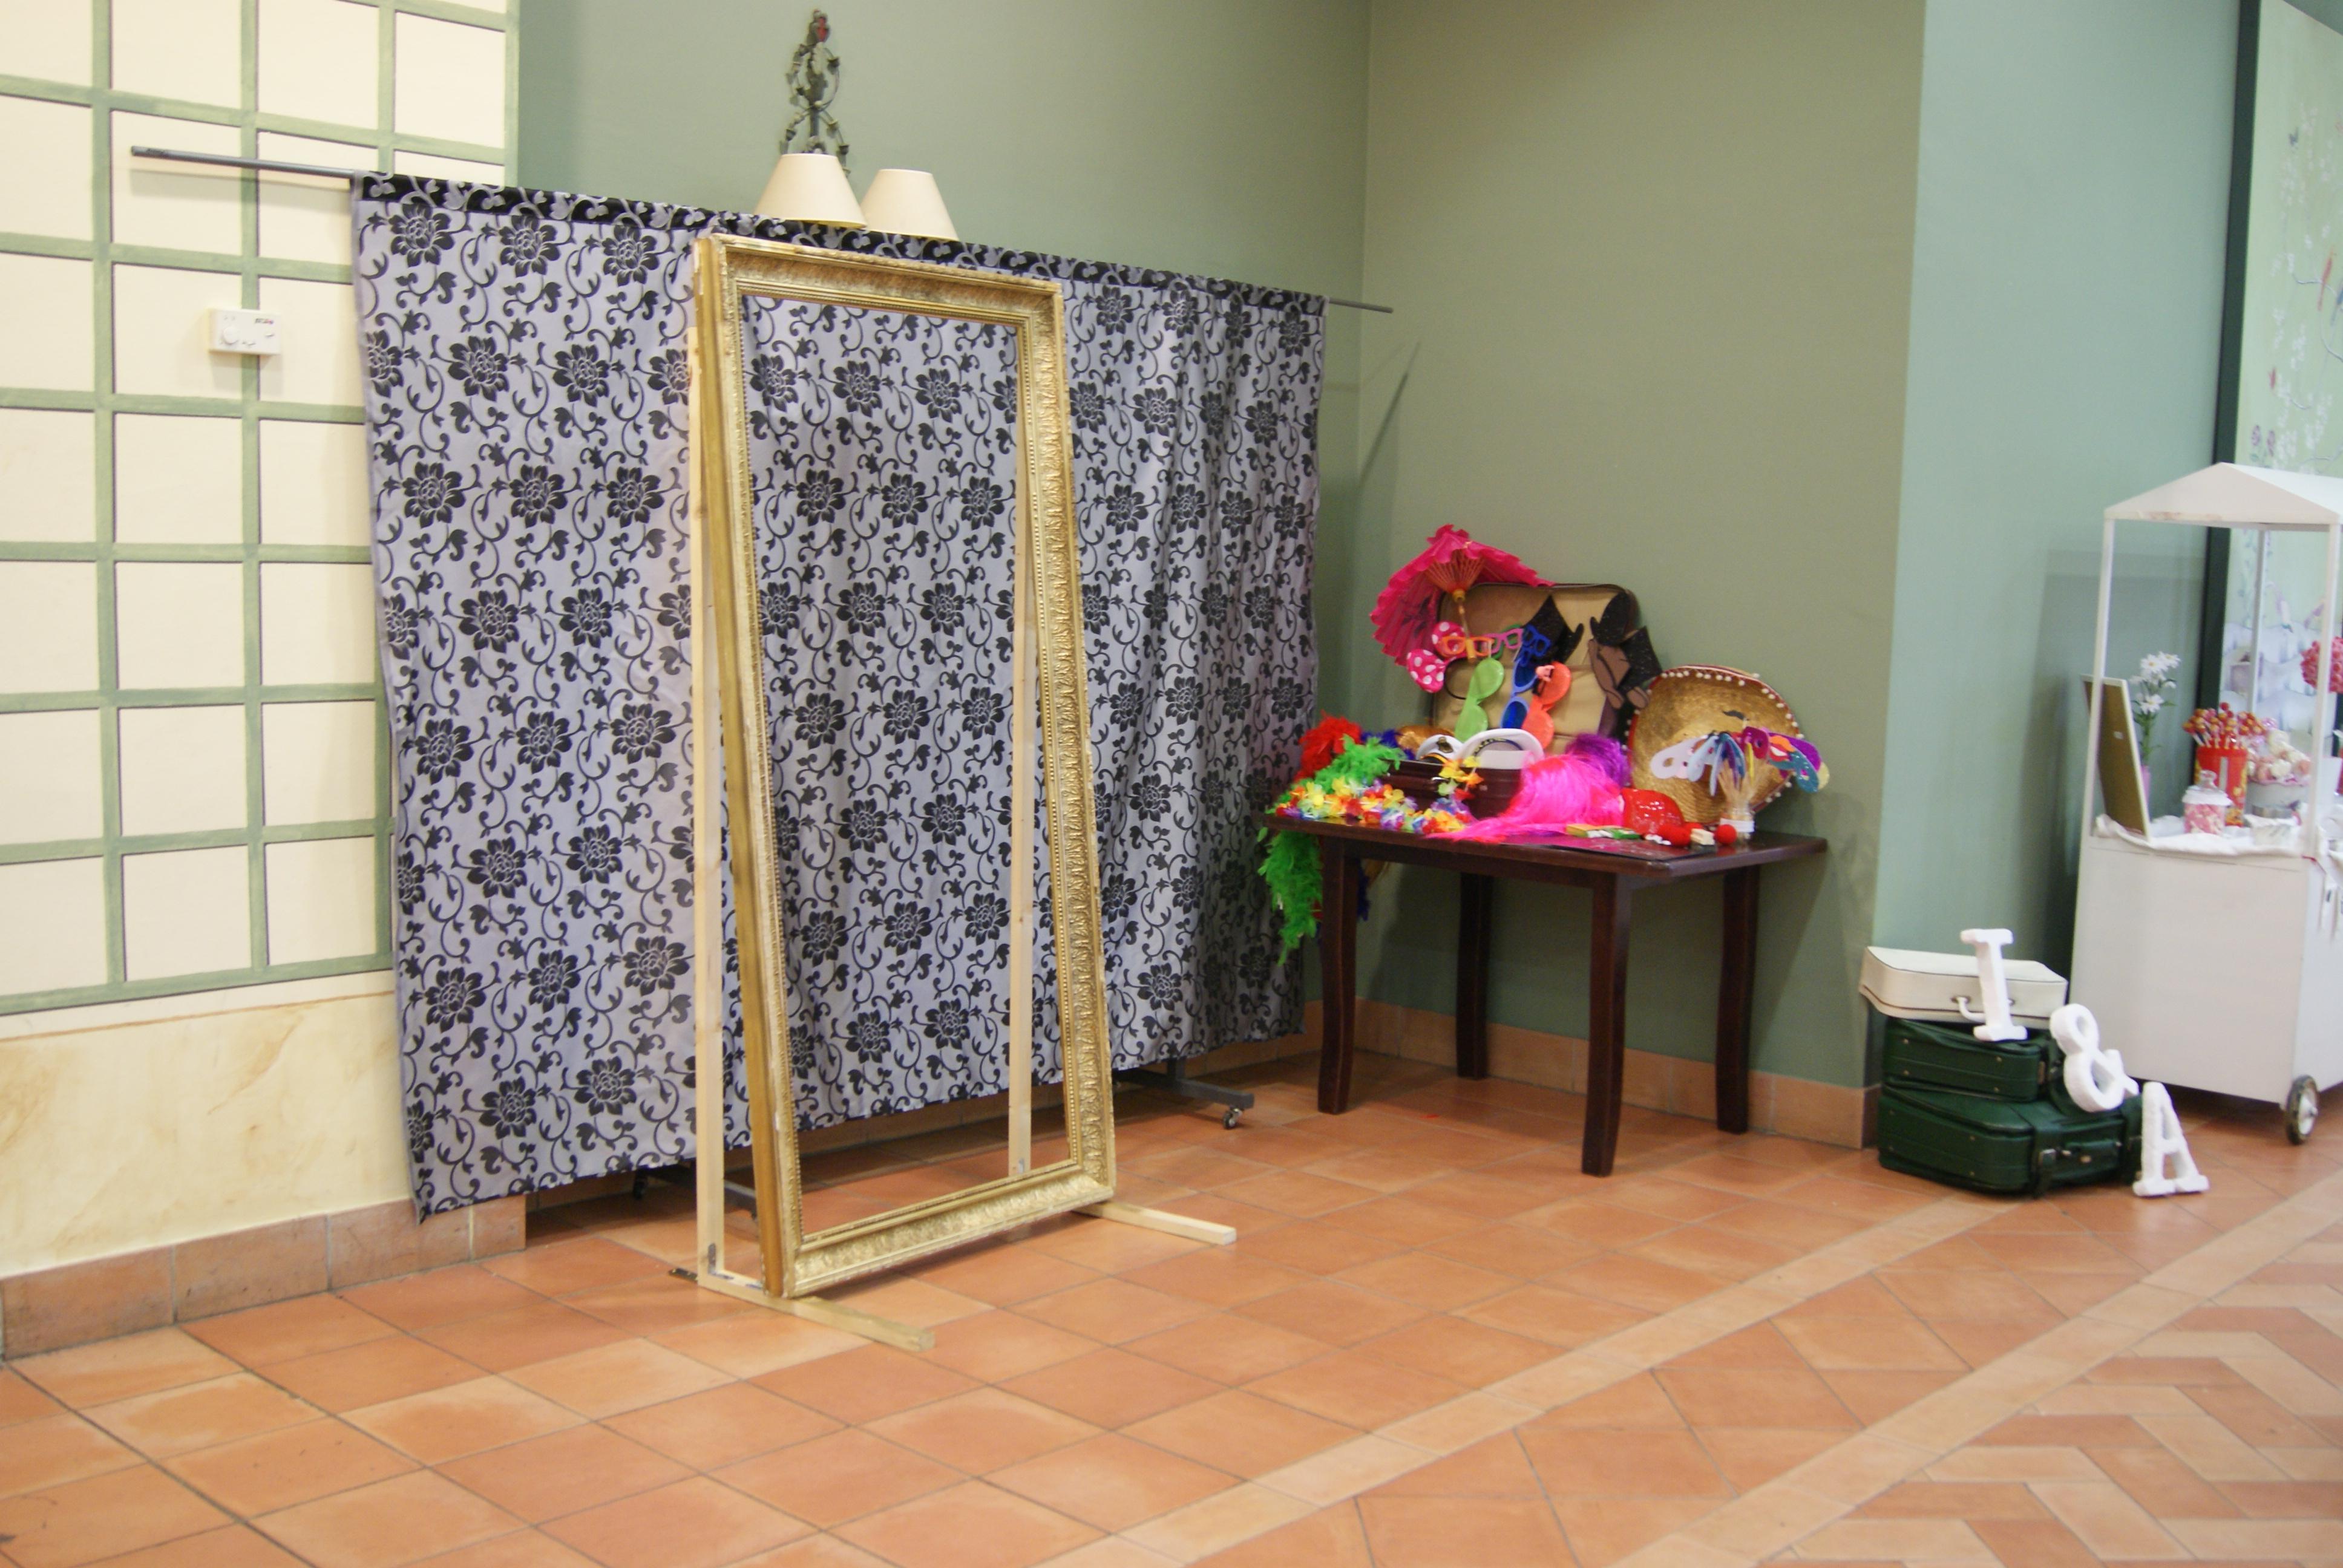 Imprimibles atrezzo para el photocall mi boda diy - Cosas para preparar una boda ...